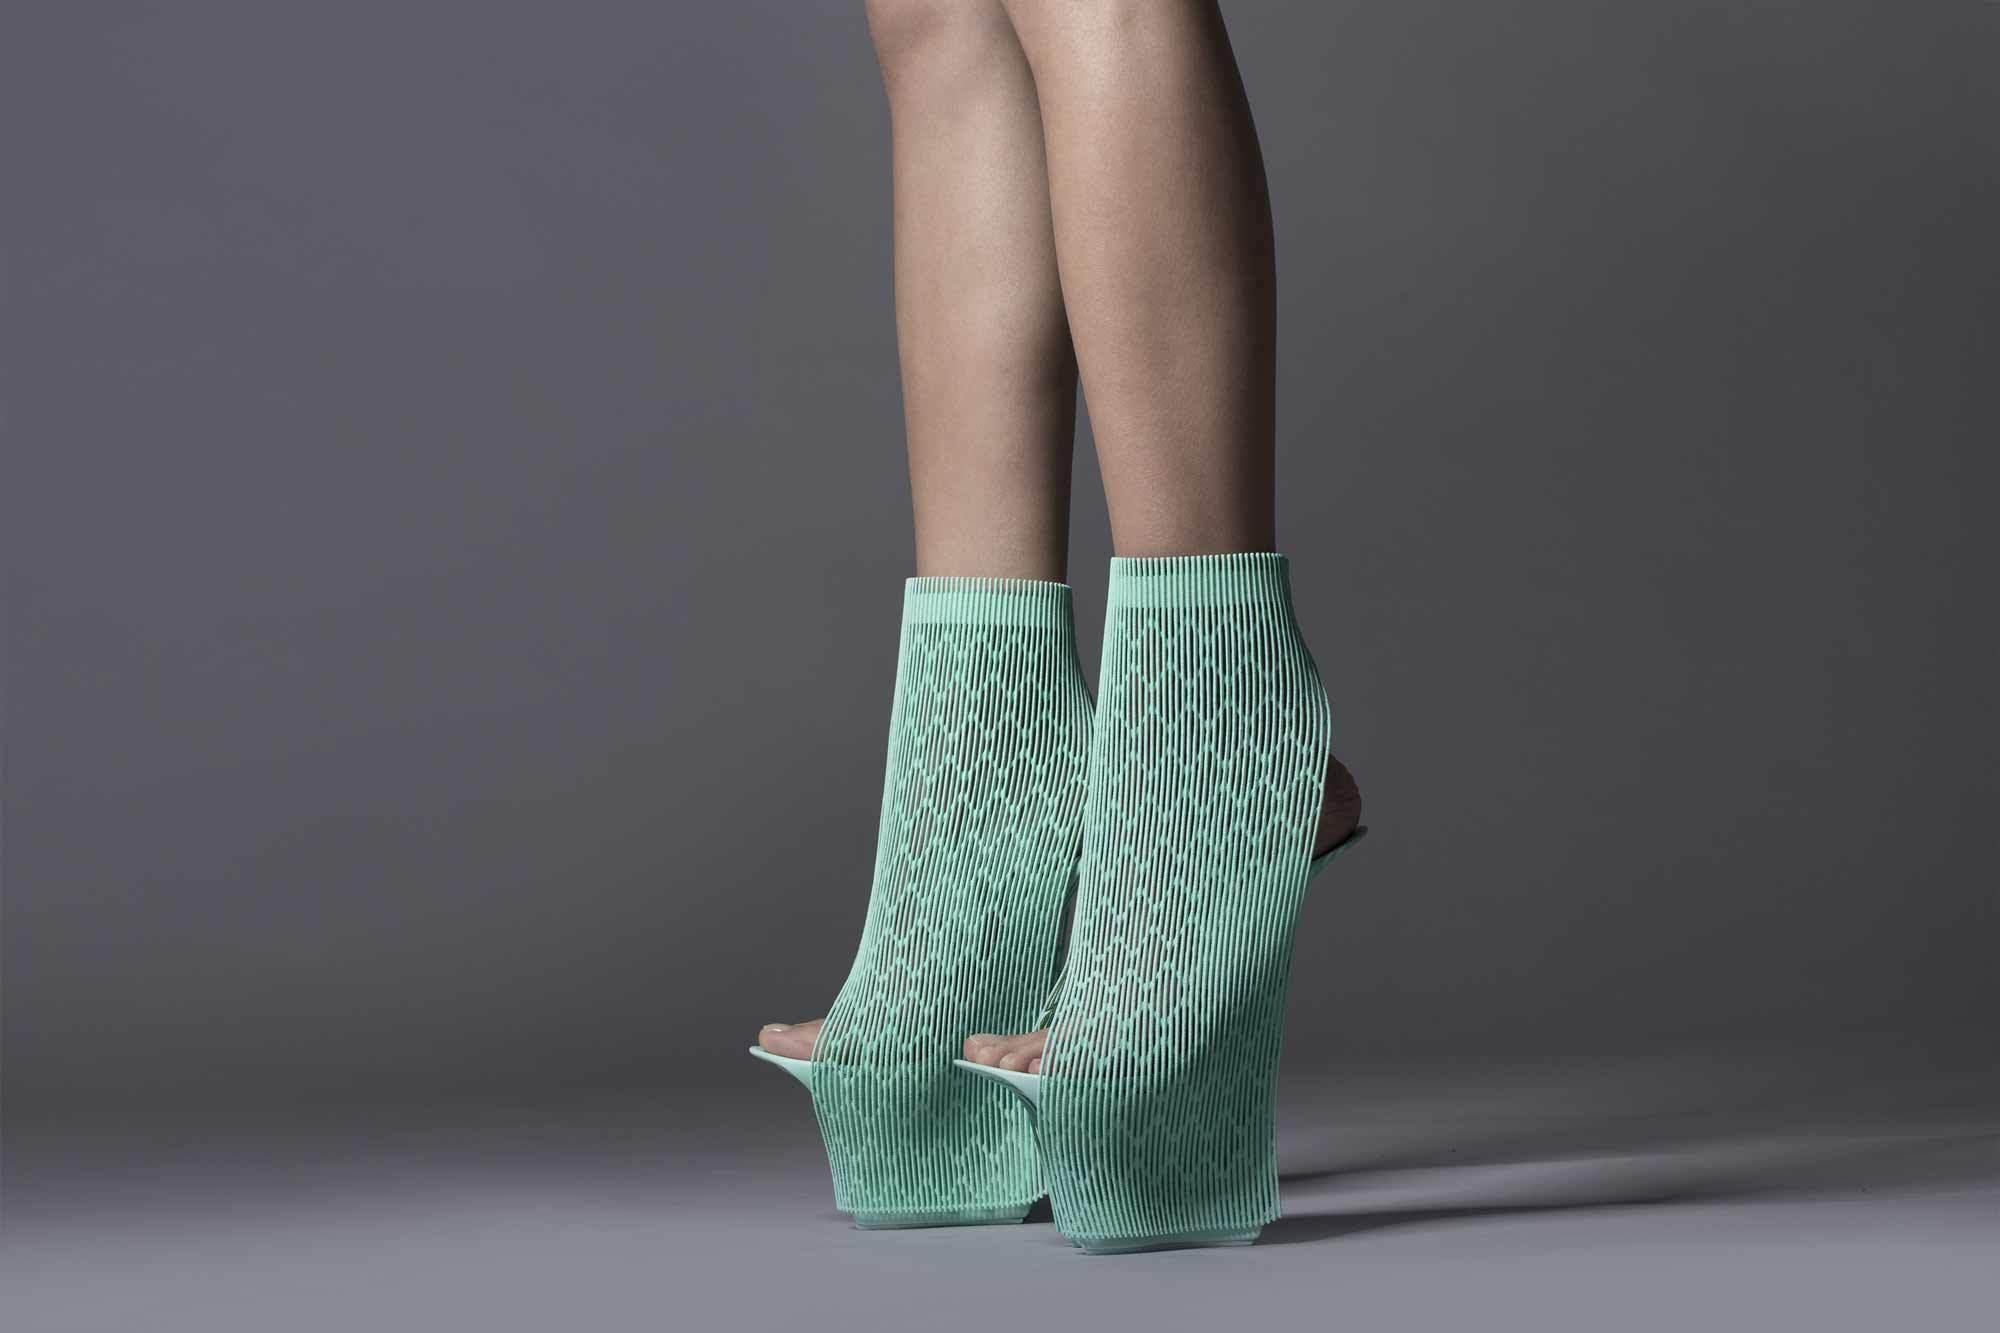 Schuhe Ilabo für United Nude, 2015